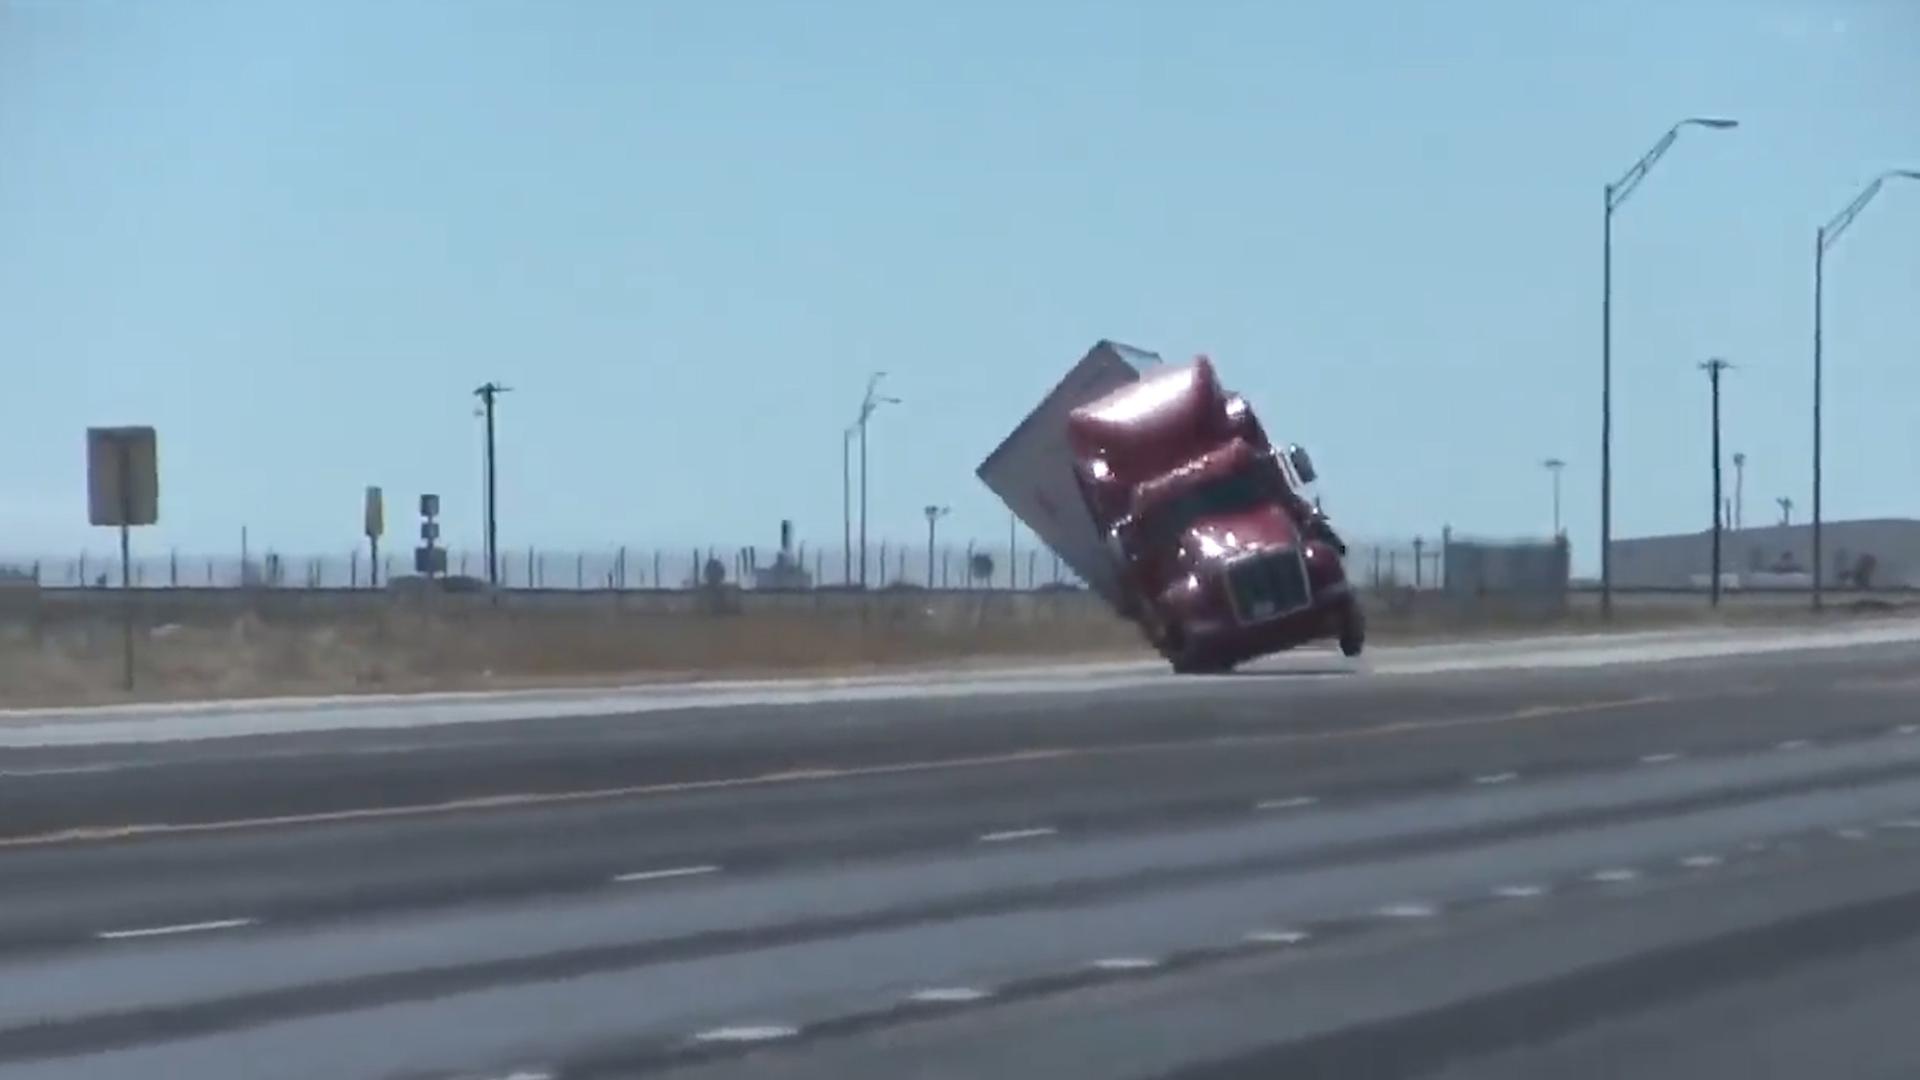 En un video puede verse el momento exacto en que la caja trasera de la unidad se levantó cuando recibió la ráfaga de viento (Foto: captura de pantalla)